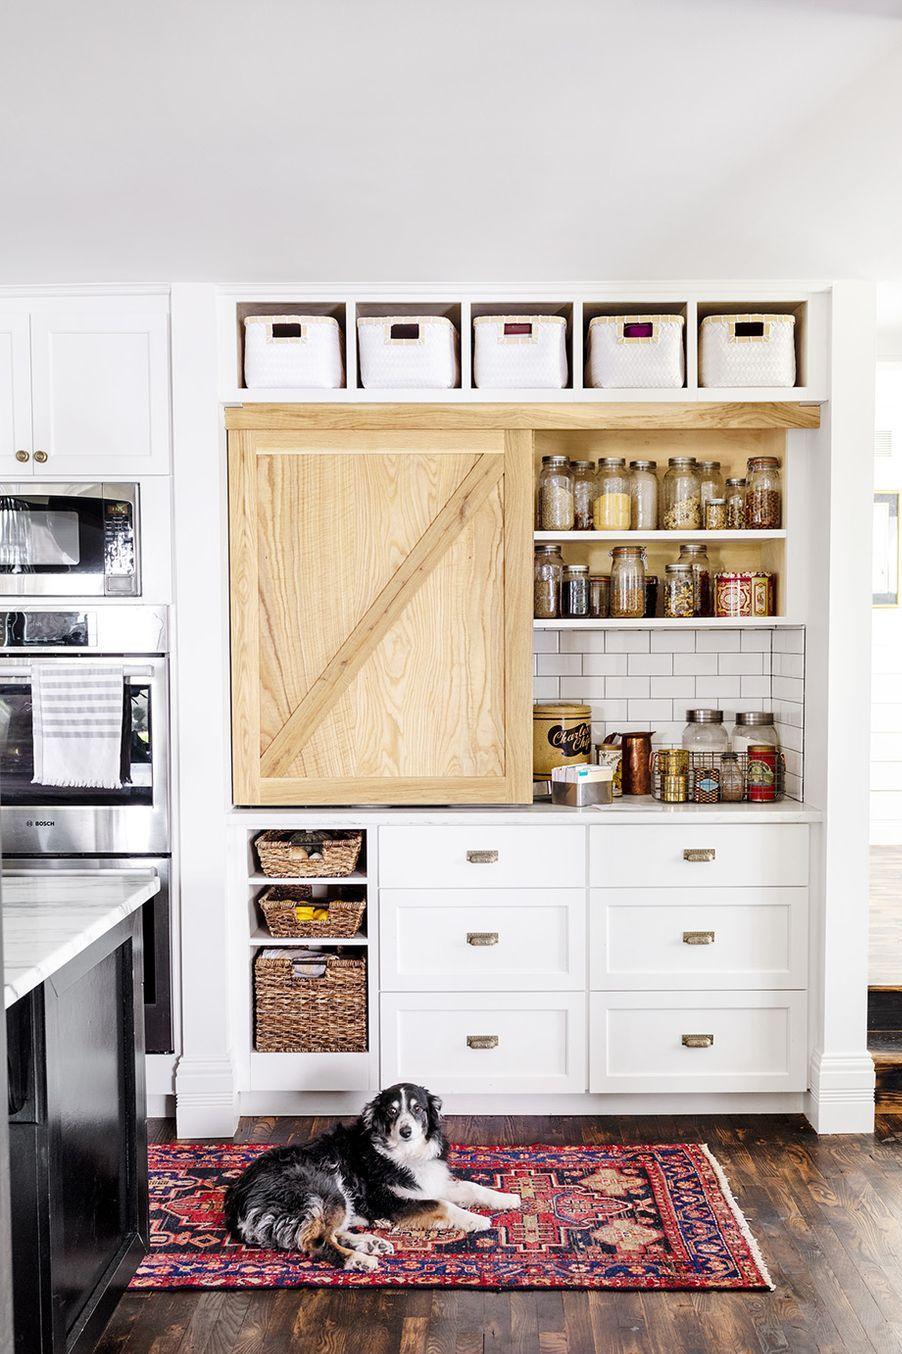 Използвайте повече кутии за съхранение и плъзгащите се врати - как да направим малката кухня по-голяма